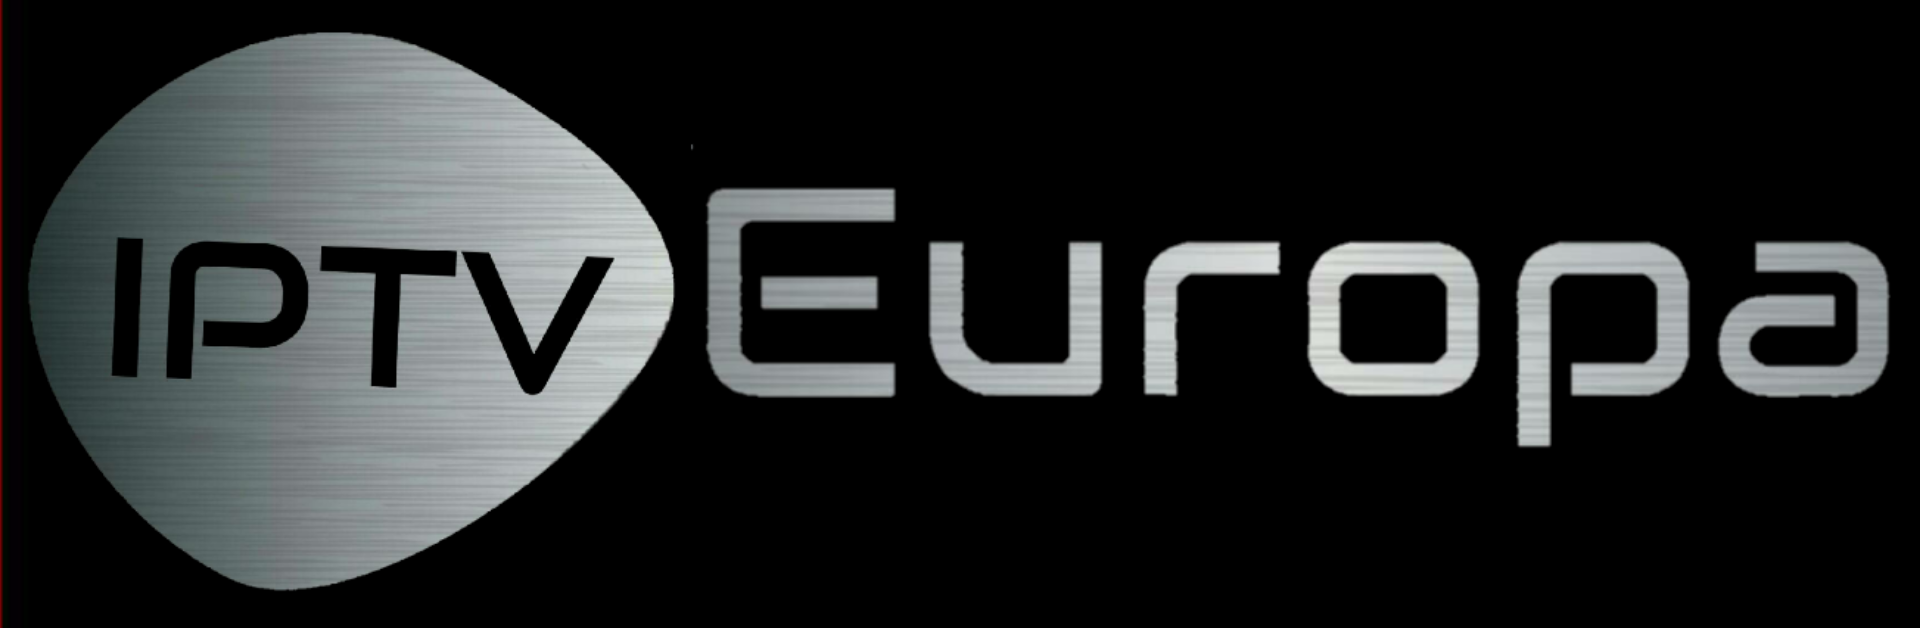 IPTV EUROPA